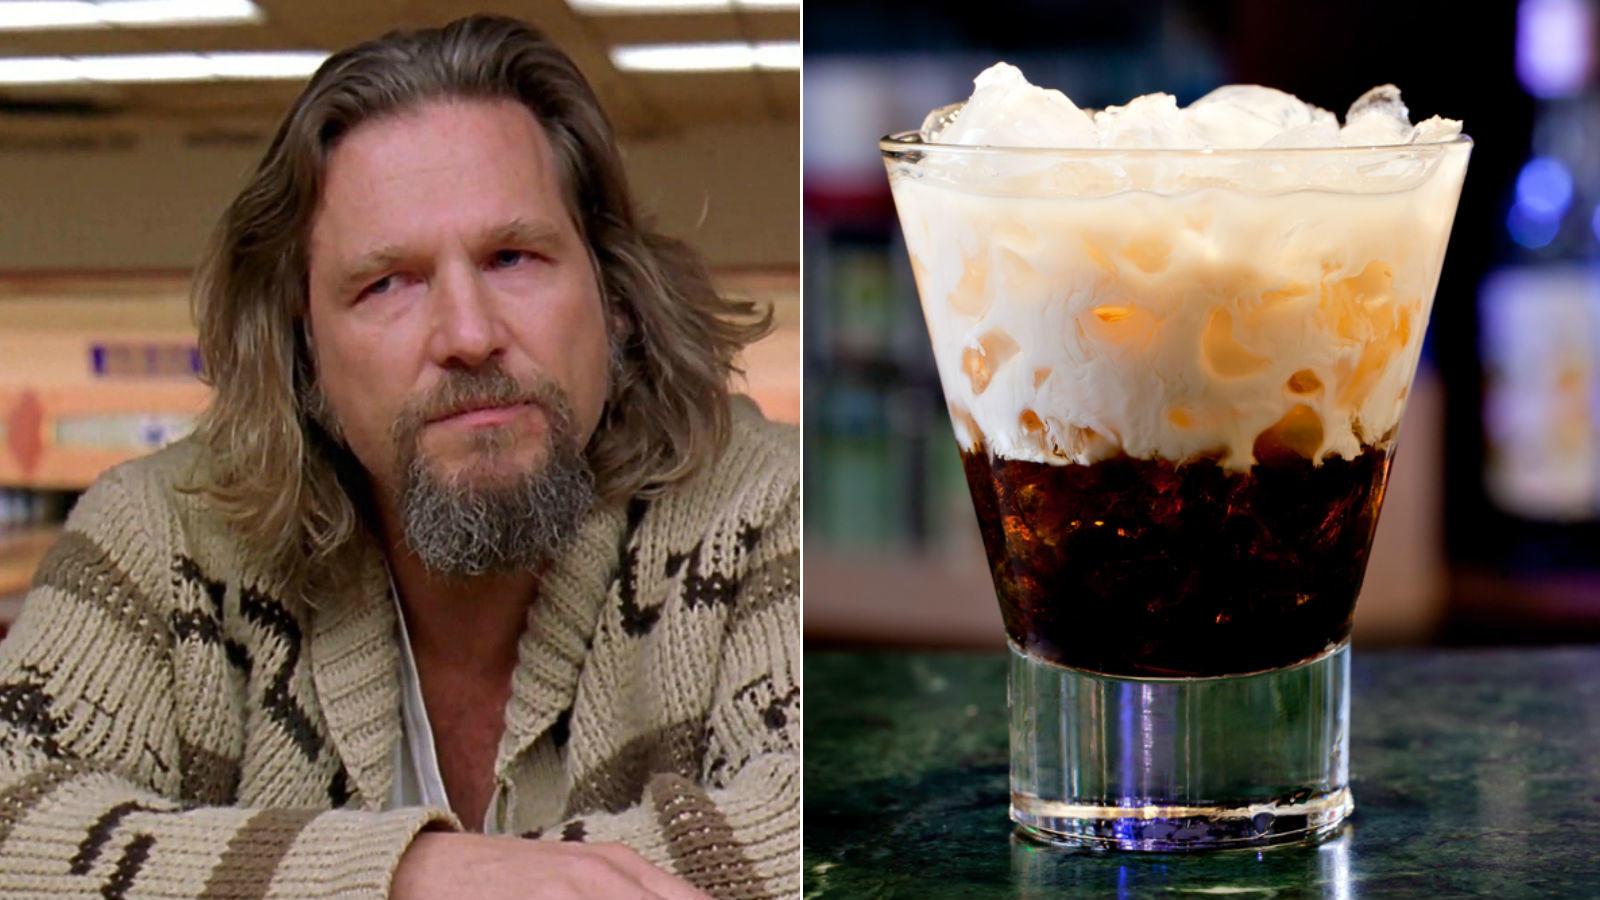 Jeff Bridges legemlékezetesebb alakítása kétségkívül a Töki A nagy Lebowskiból. A film ikonikus itala pedig nem más, mint a White Russian (Fehér orosz). Így, ha Bridges-t italba kellene öntenünk, akkor mindenképp vodka, kávélikőr és némi tejszín keveréke lenne. (Gramercy Pictures/ REX/ Shutterstock)